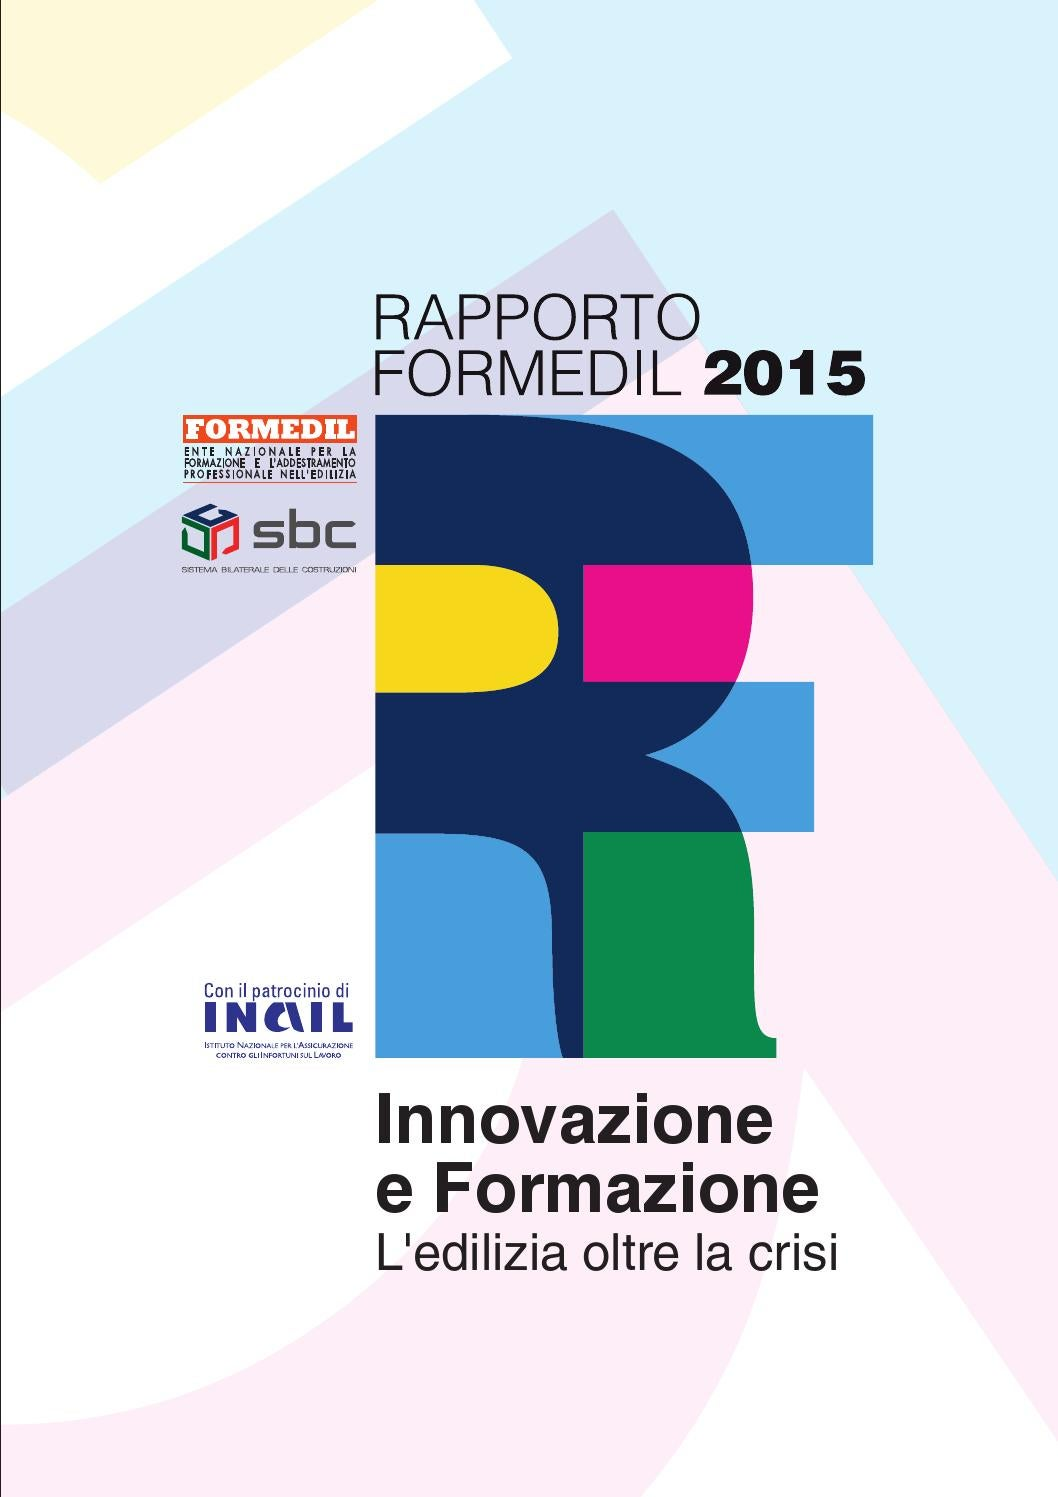 Rapporto Formedil 2015 By Formedil Formazione Edile Issuu